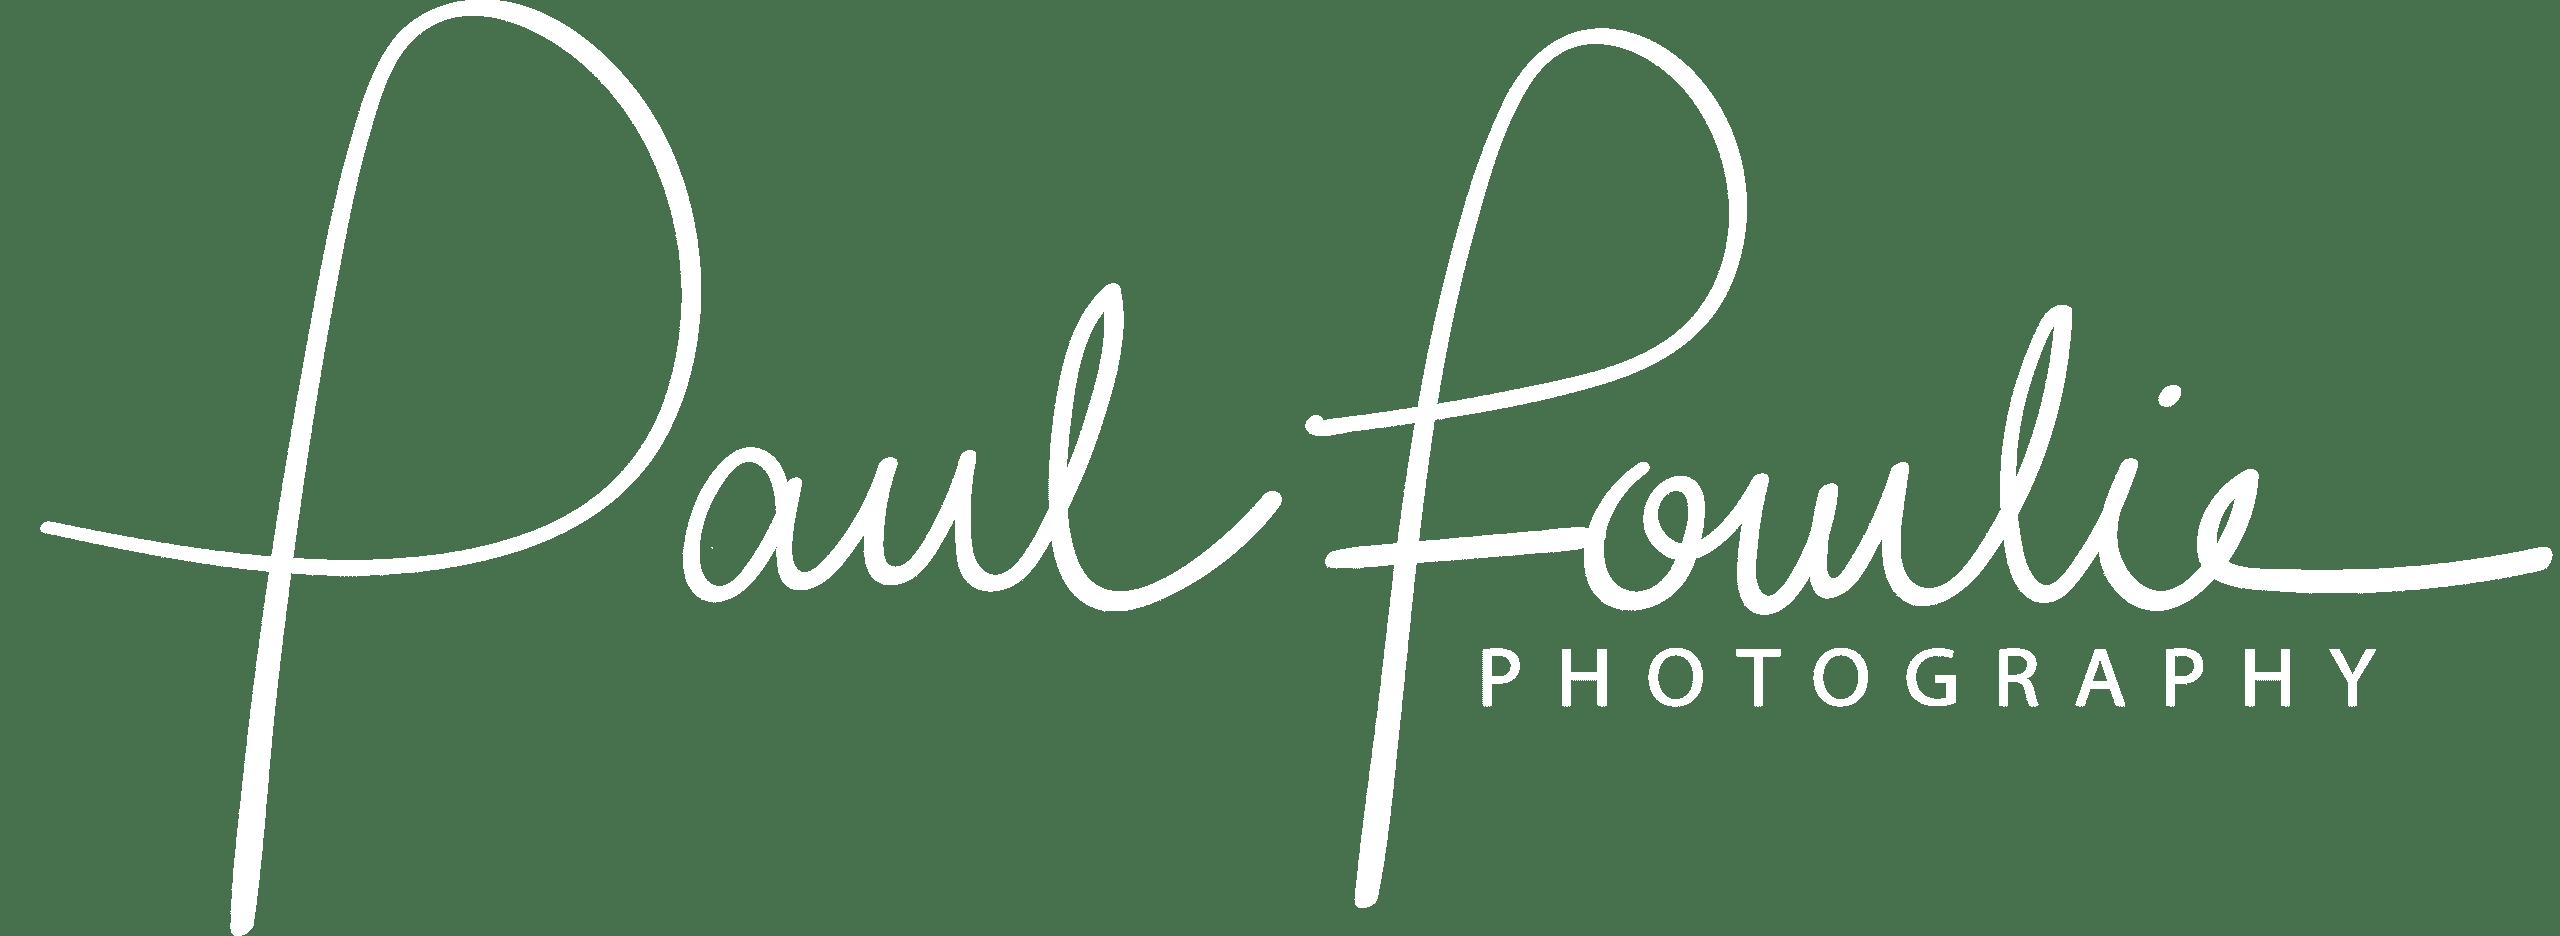 Paul Fowlie Photography